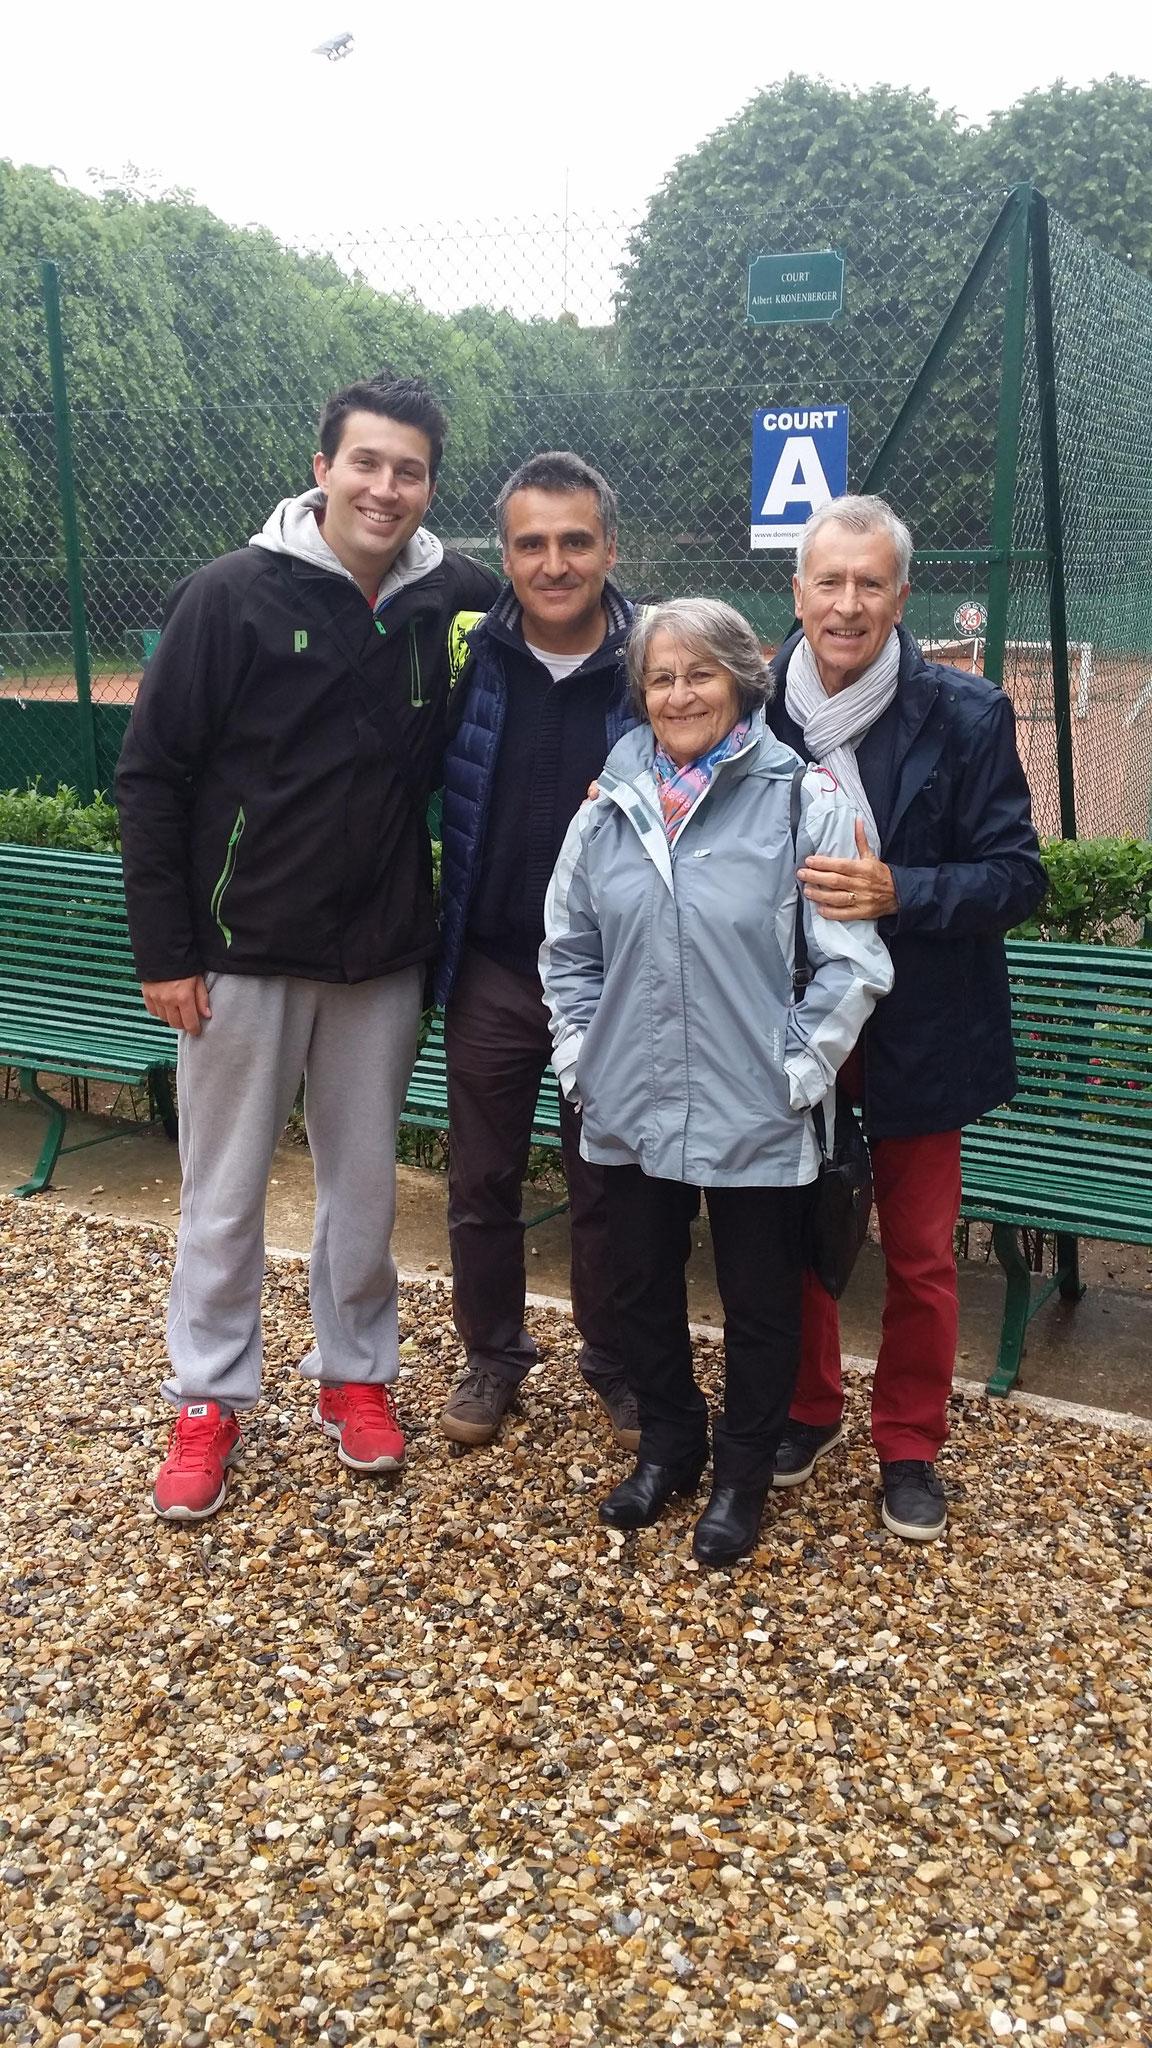 Stephane Houdet no1 mondial du tennis en fauteuil a préparé Roland Garros au CAM mardi 31 mai accompagné de ses parents